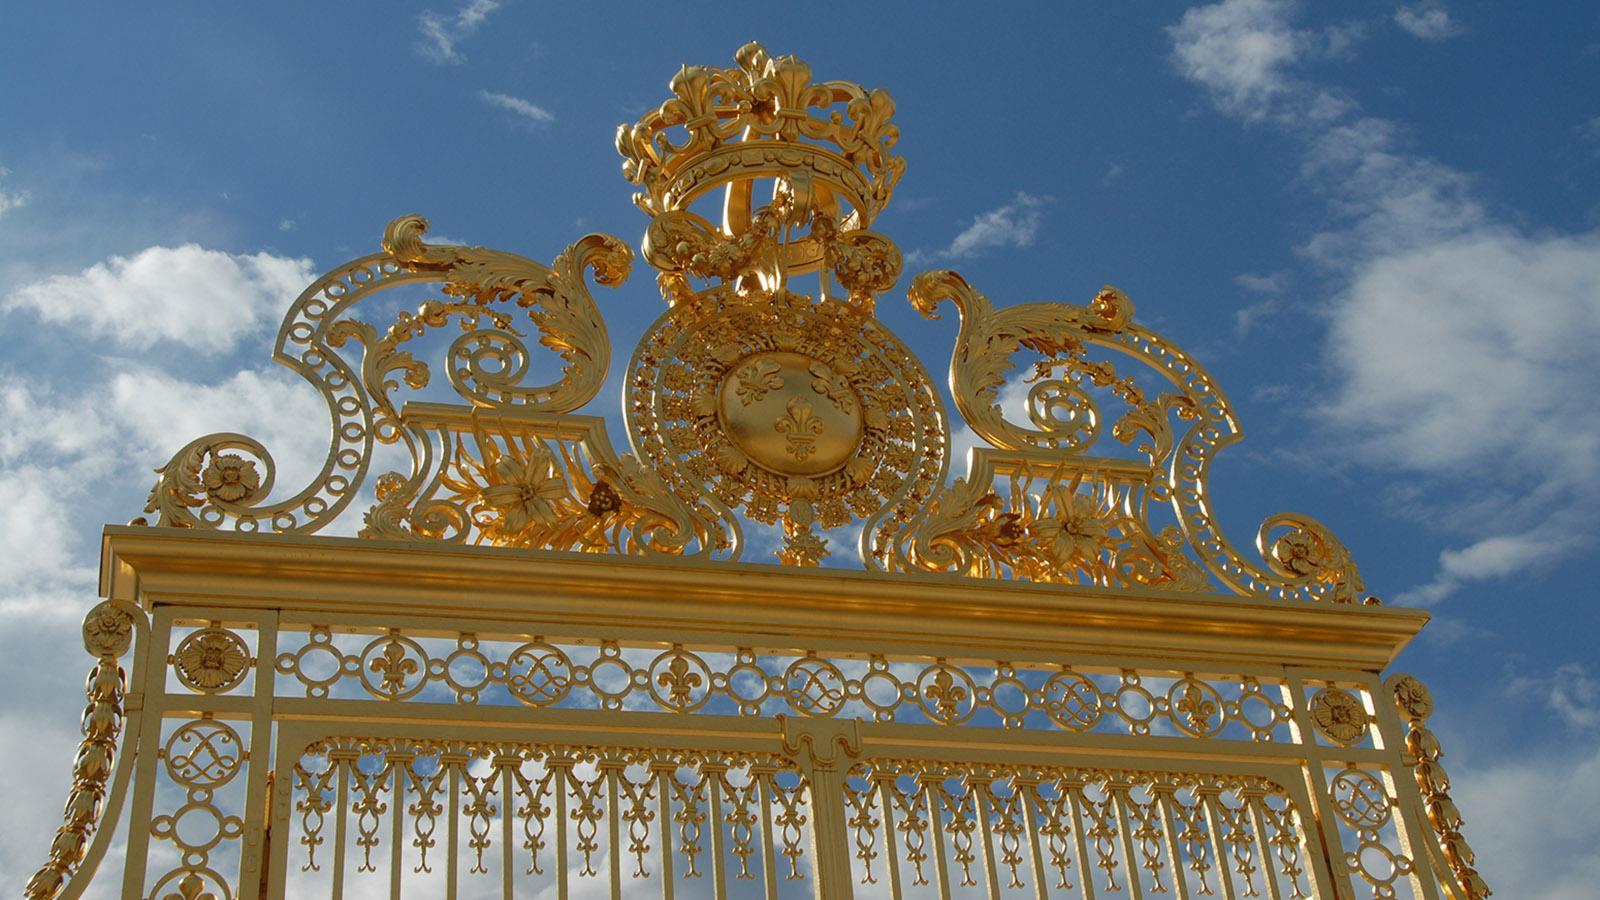 """Schloss Versailles: Prunk in Gold - die """"grille royale"""". Das königliche Tor des Schlosses von Versailles wurde am Montag, den 30. Juni 2008, wieder aufgebaut und eingeweiht. Der Wiederaufbau dauerte 2 Jahre und kostete 2 Millionen Euro.Foto: Hilke Maunder"""